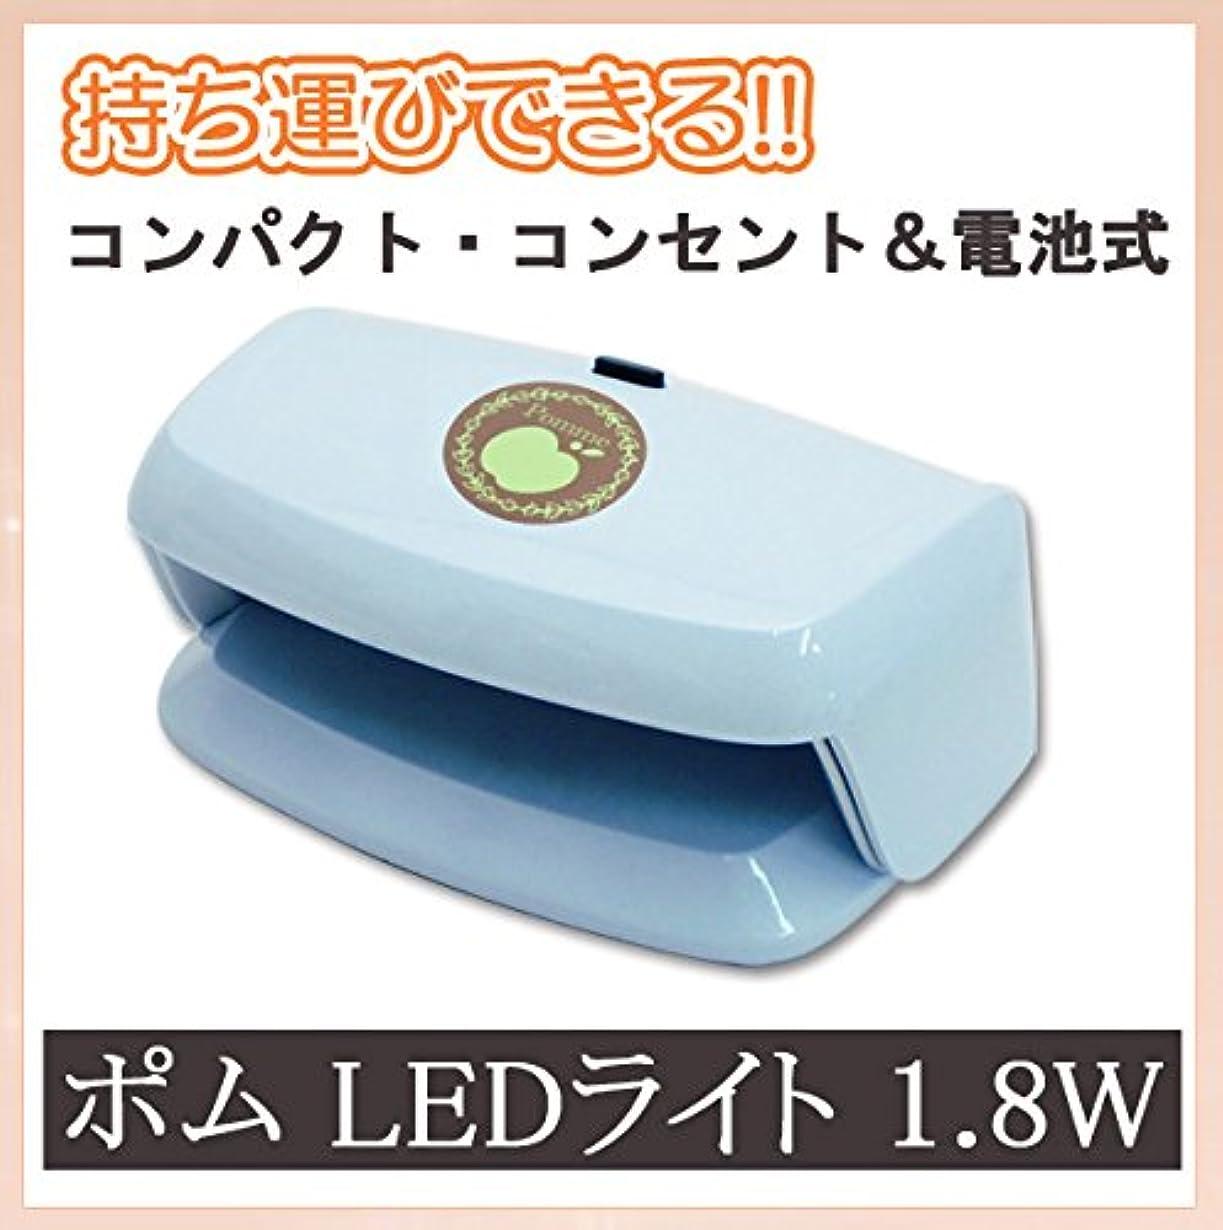 応じるリア王第二ポム LEDライト 1.8W